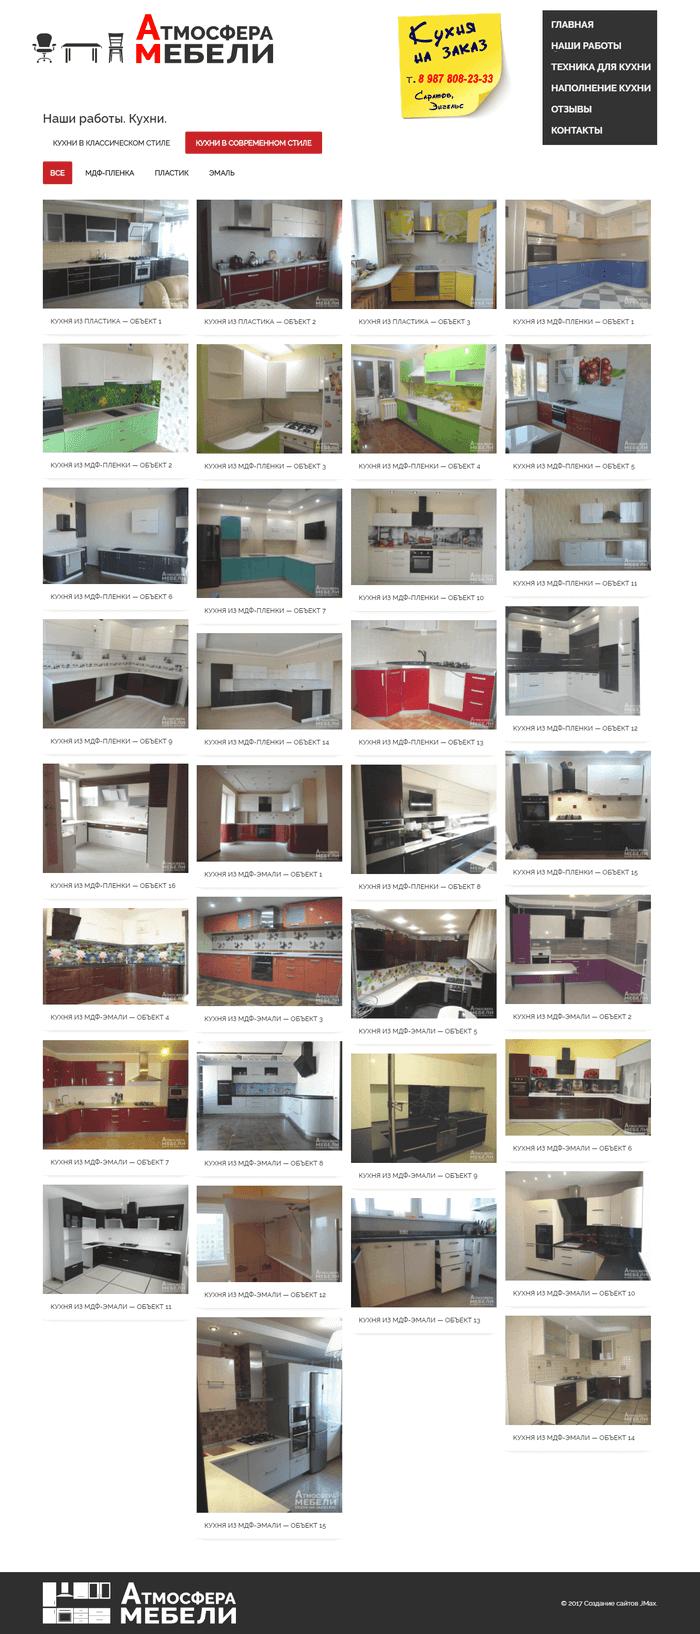 Страница работ сайта компании Атмосфера Мебели